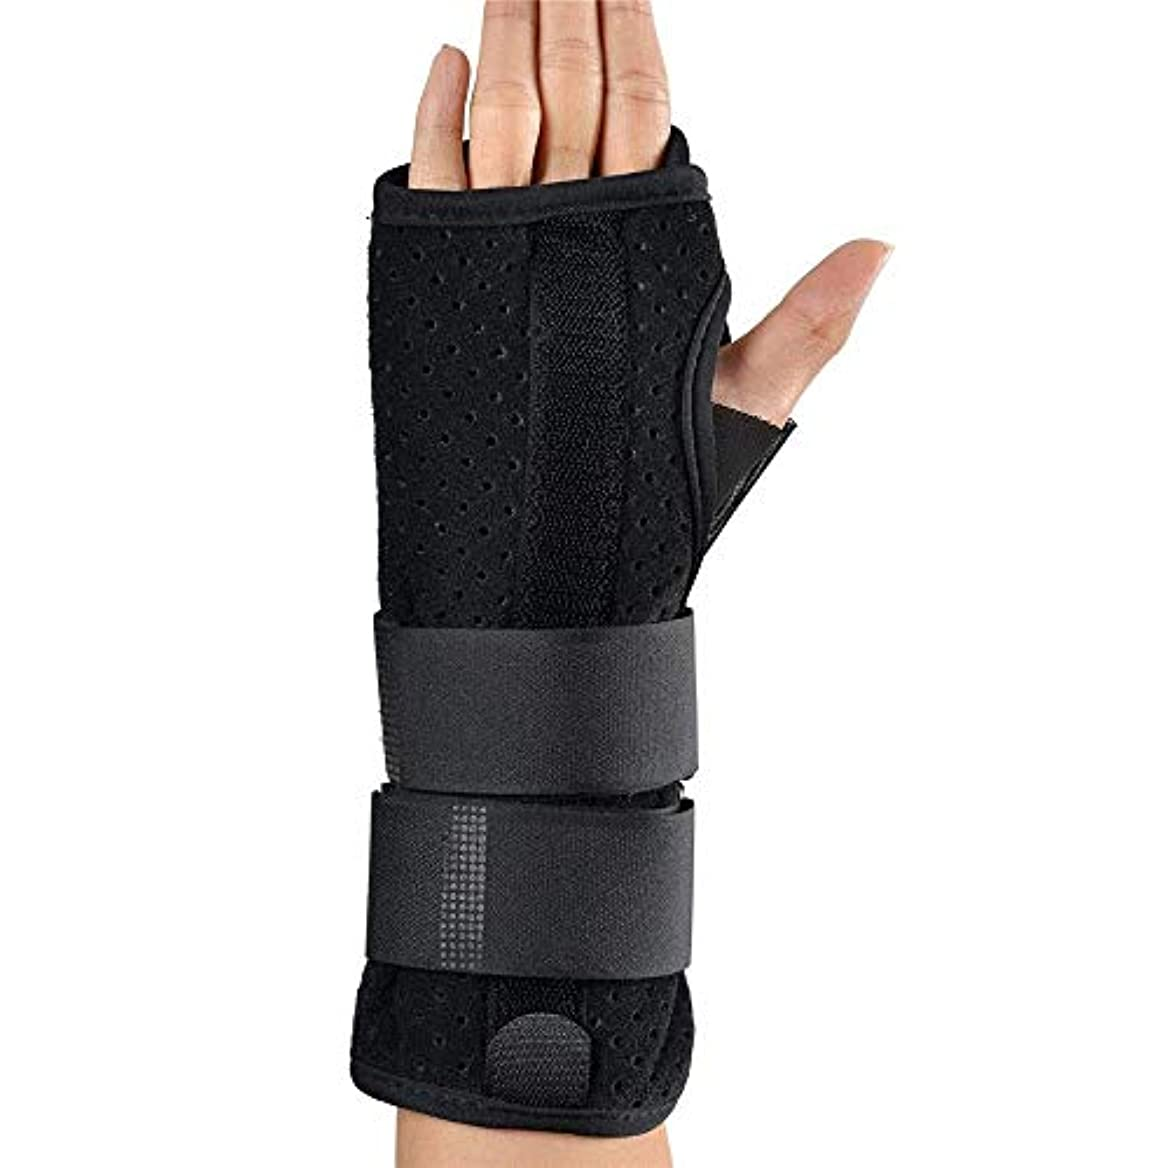 フリンジ着る輝度ZYL-YL 調節可能な圧縮リストストラップと手首関節固定器手首補正手首捻挫骨折プレート固定 (Edition : Right, サイズ : M)